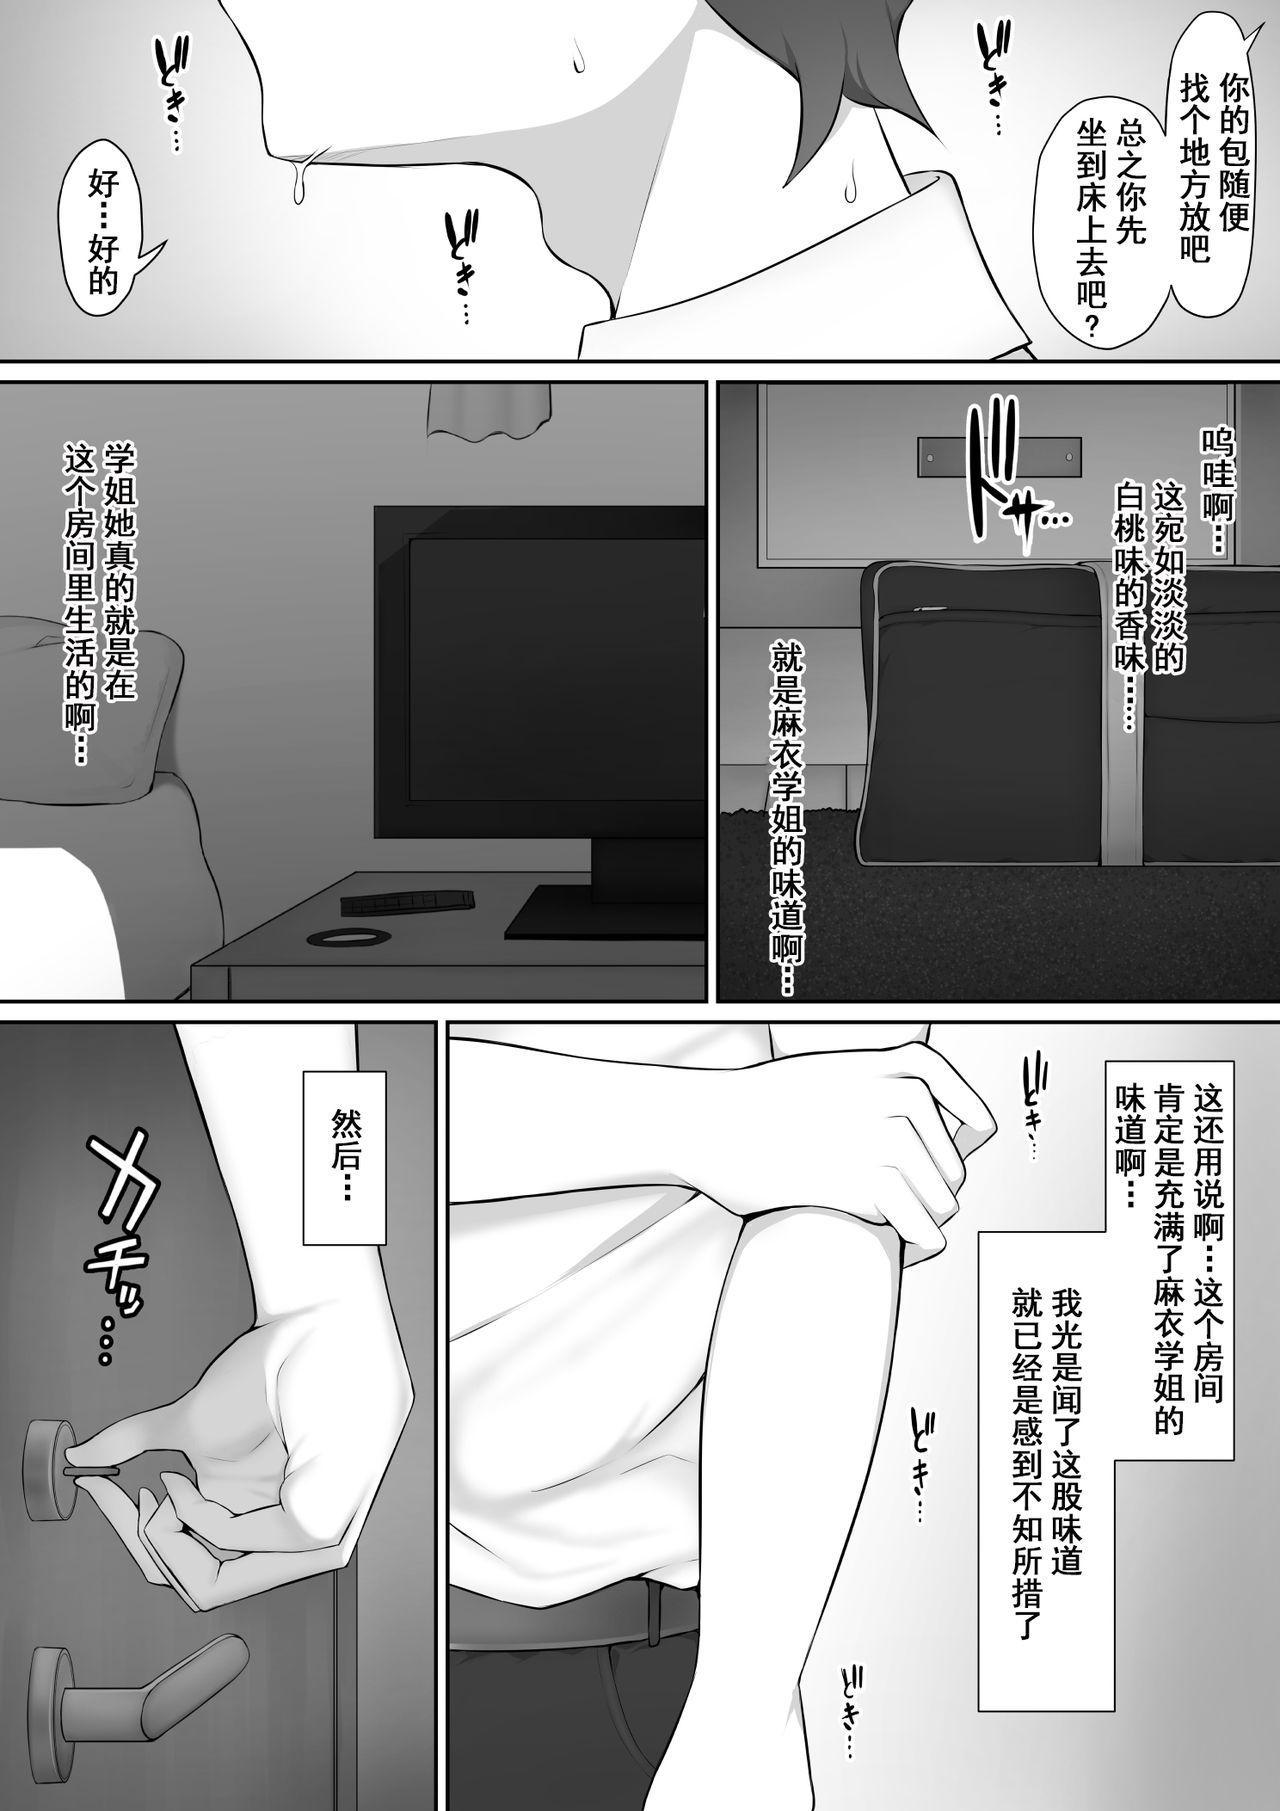 Houkago, Akogare no Senpai ni Tsurerarete- 15